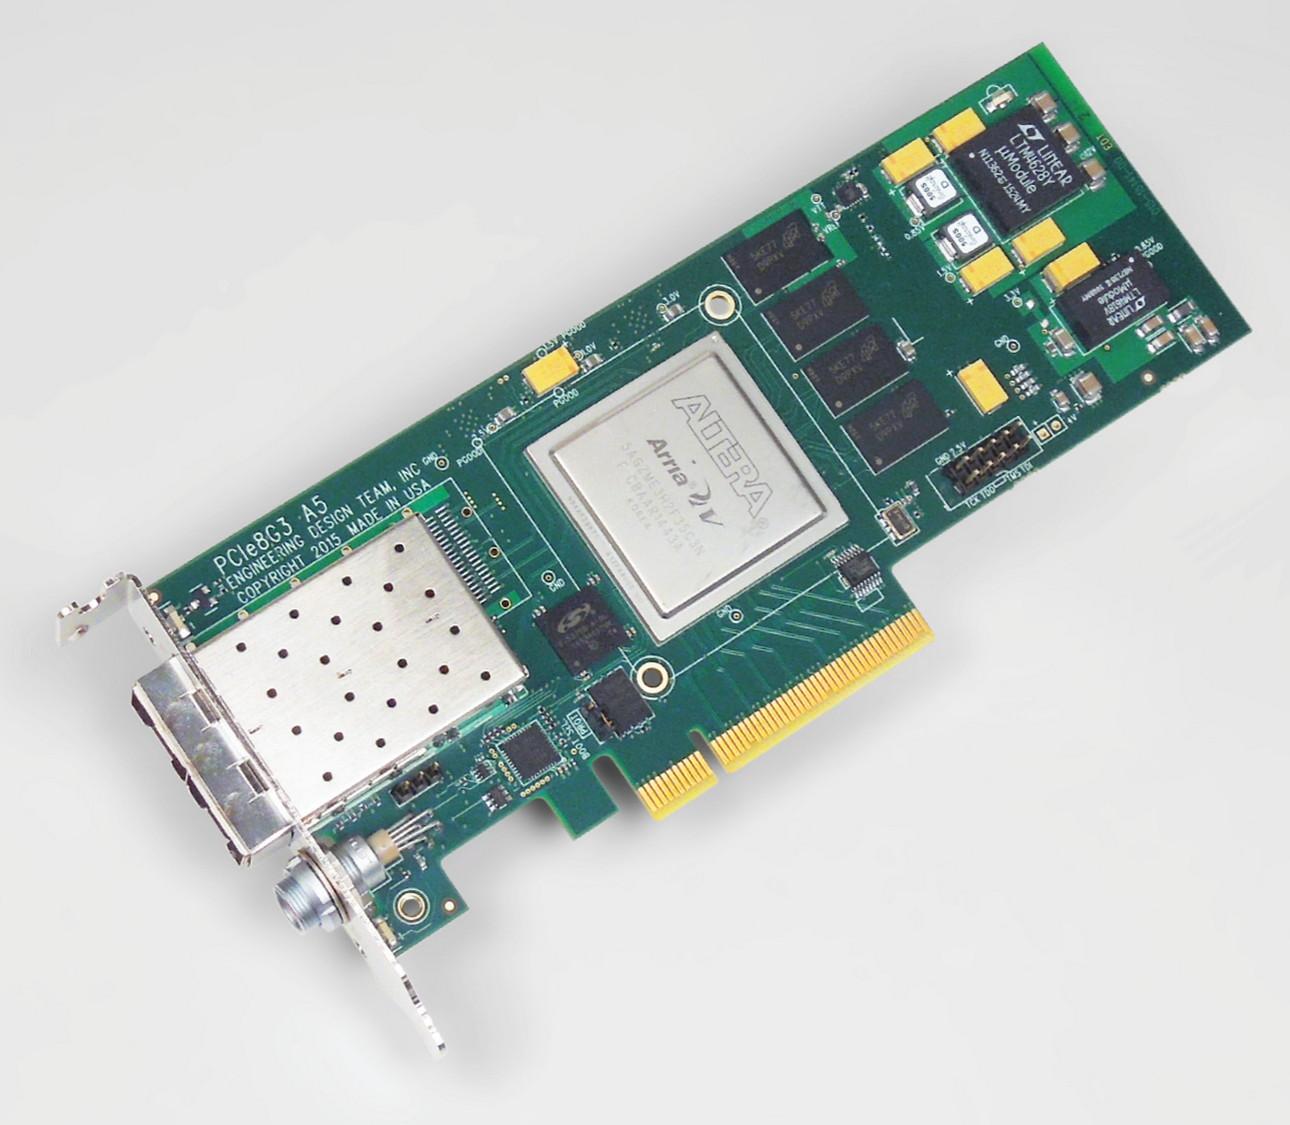 EDT PCIe8g3 A5-10G – Altera Arria V FPGA  Two 10G SFP/+, 1 – 10 GbE